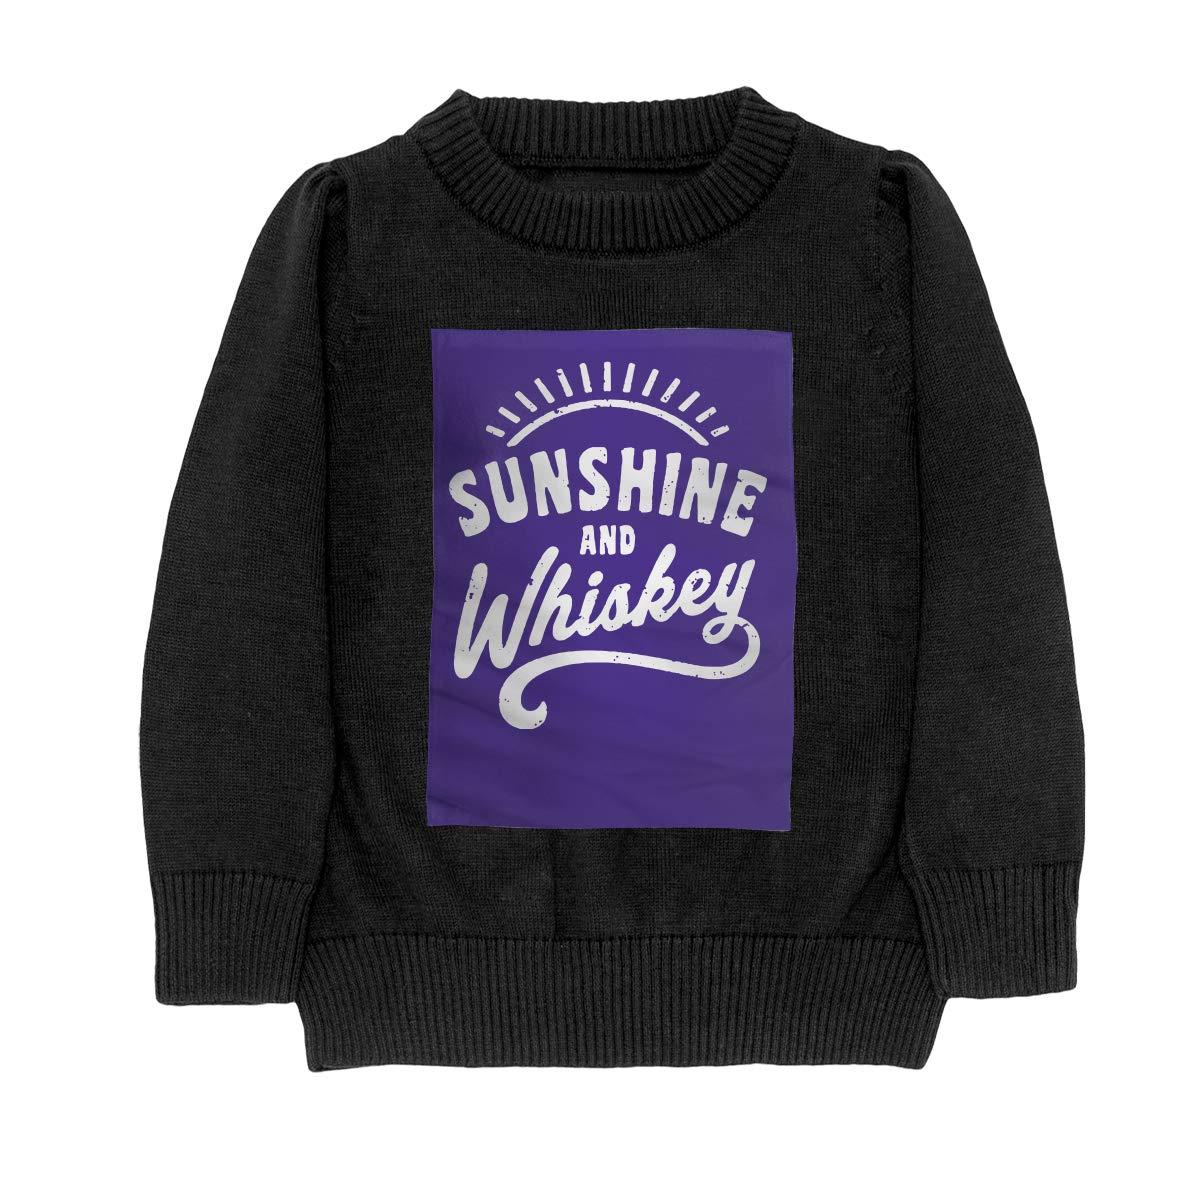 WWTBBJ-B Sunshine and Whiskey Retro Style Adolescent Boys Girls Unisex Sweater Keep Warm